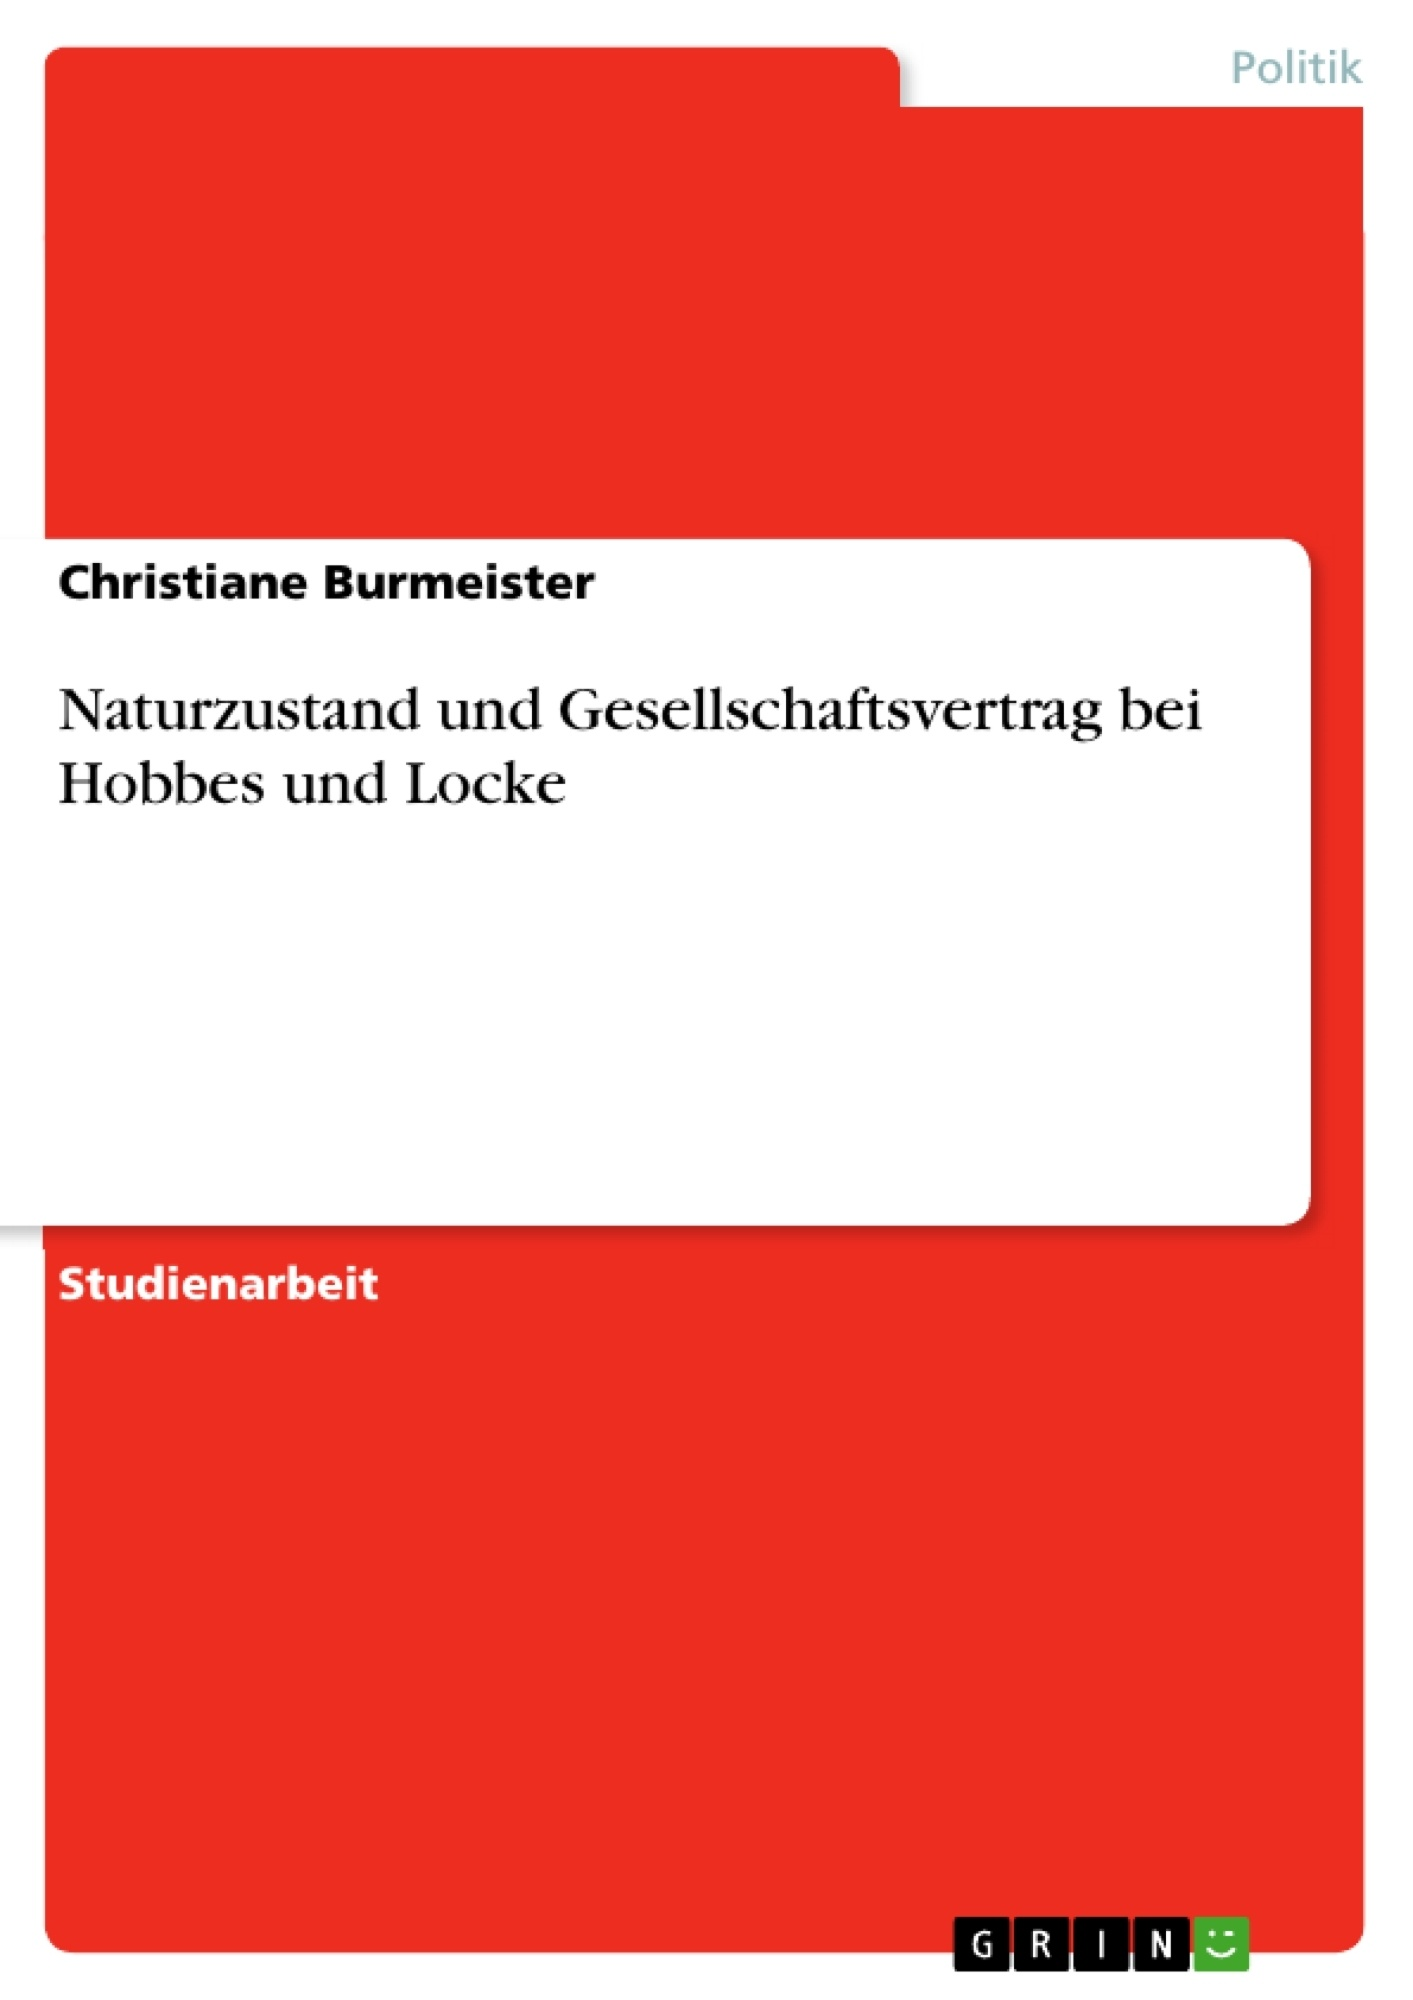 Titel: Naturzustand und Gesellschaftsvertrag bei Hobbes und Locke